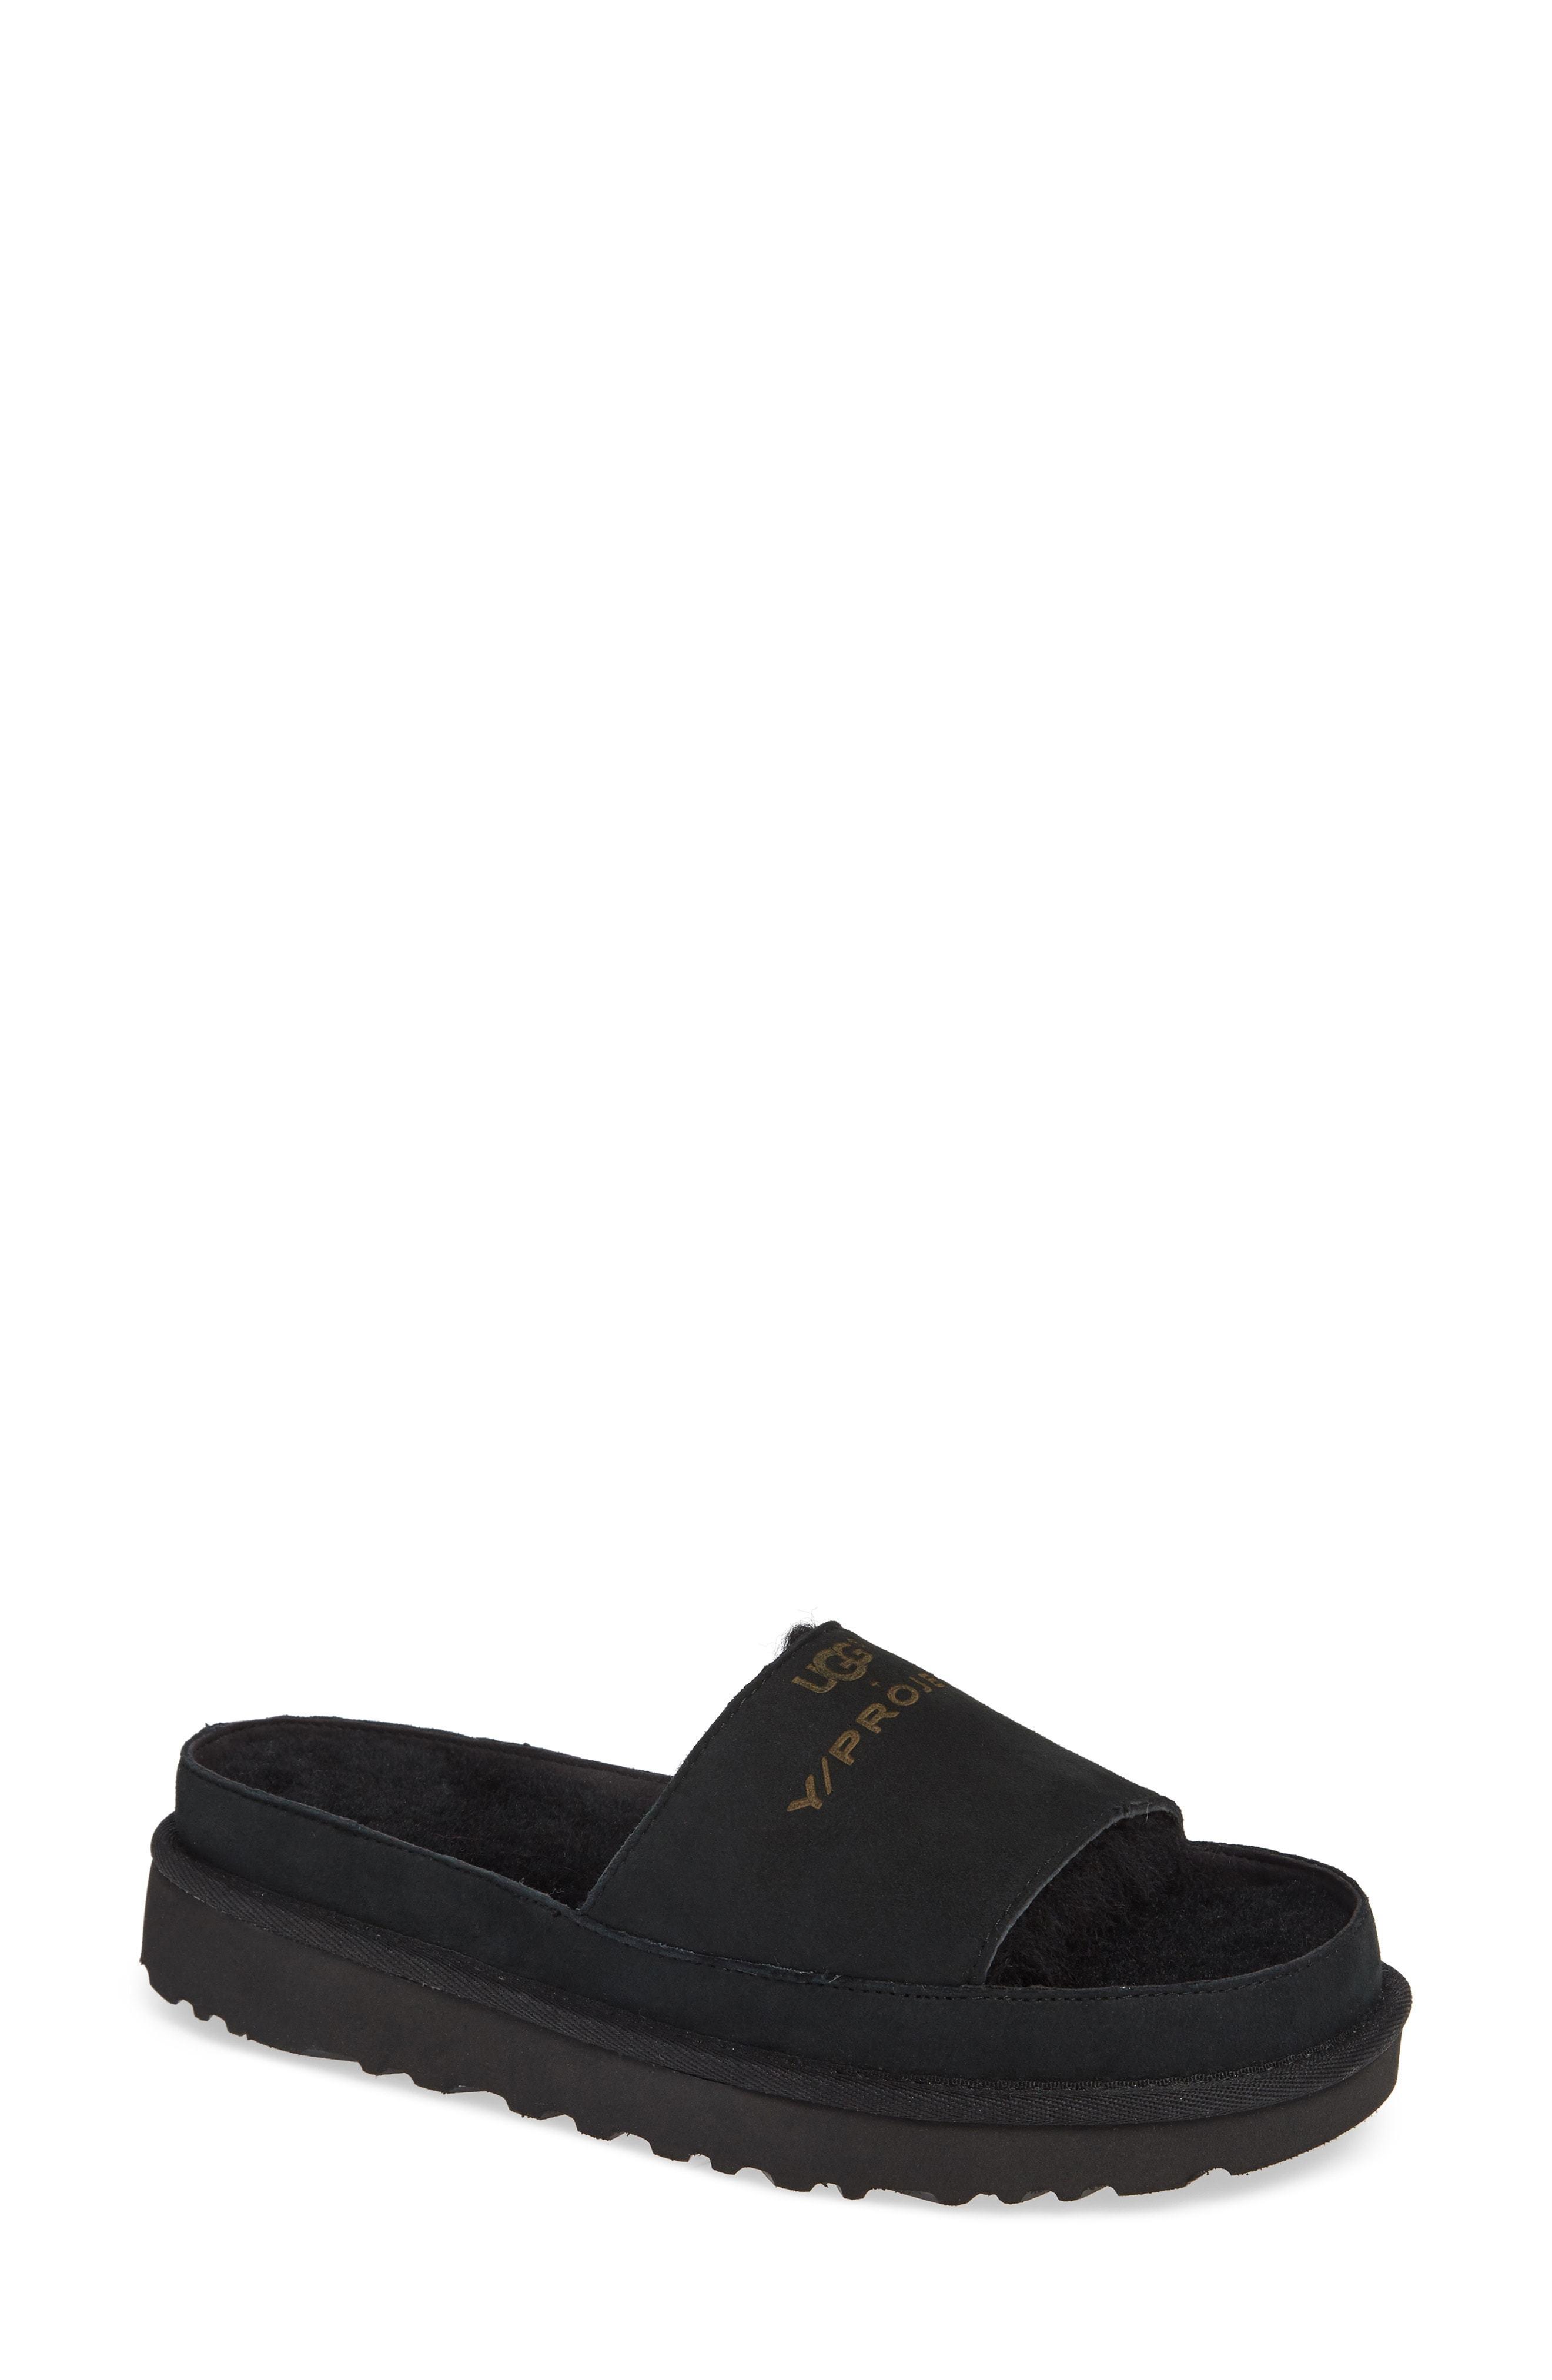 441af0644c70 ... Y Project X Ugg Genuine Shearling Slide Sandal